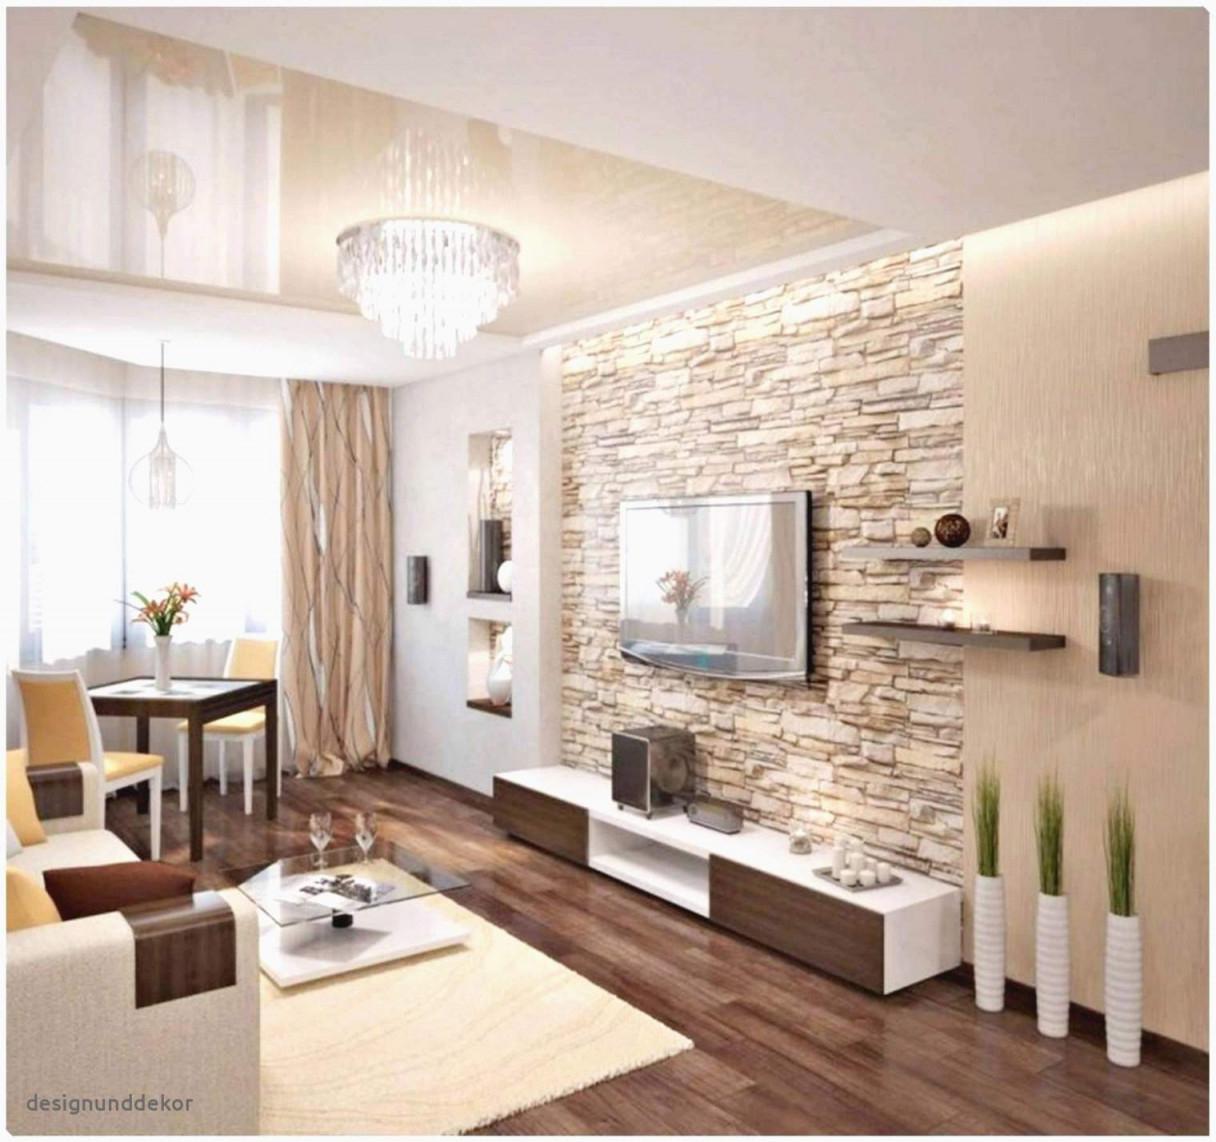 Wohnzimmer Orientalisch Inspirierend Wohnzimmer Orientalisch von Bilder Wohnzimmer Orientalisch Bild